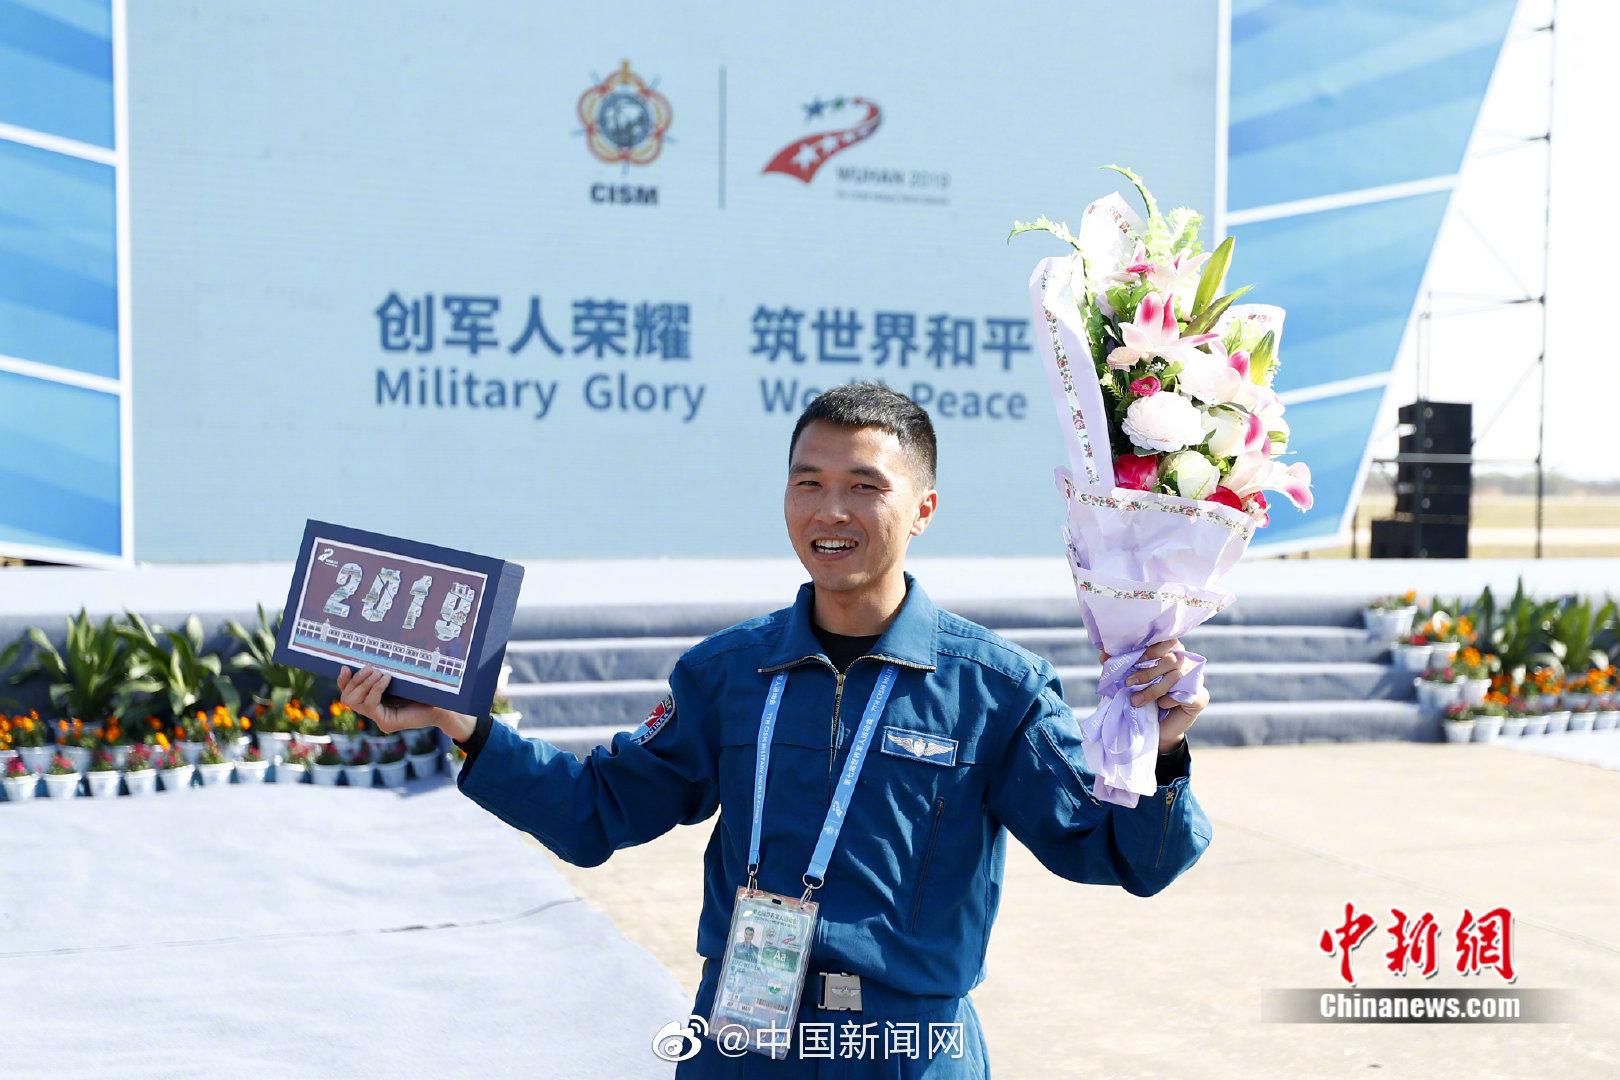 再添一金!廖伟华夺空军五项低空三角导航飞行项目金牌